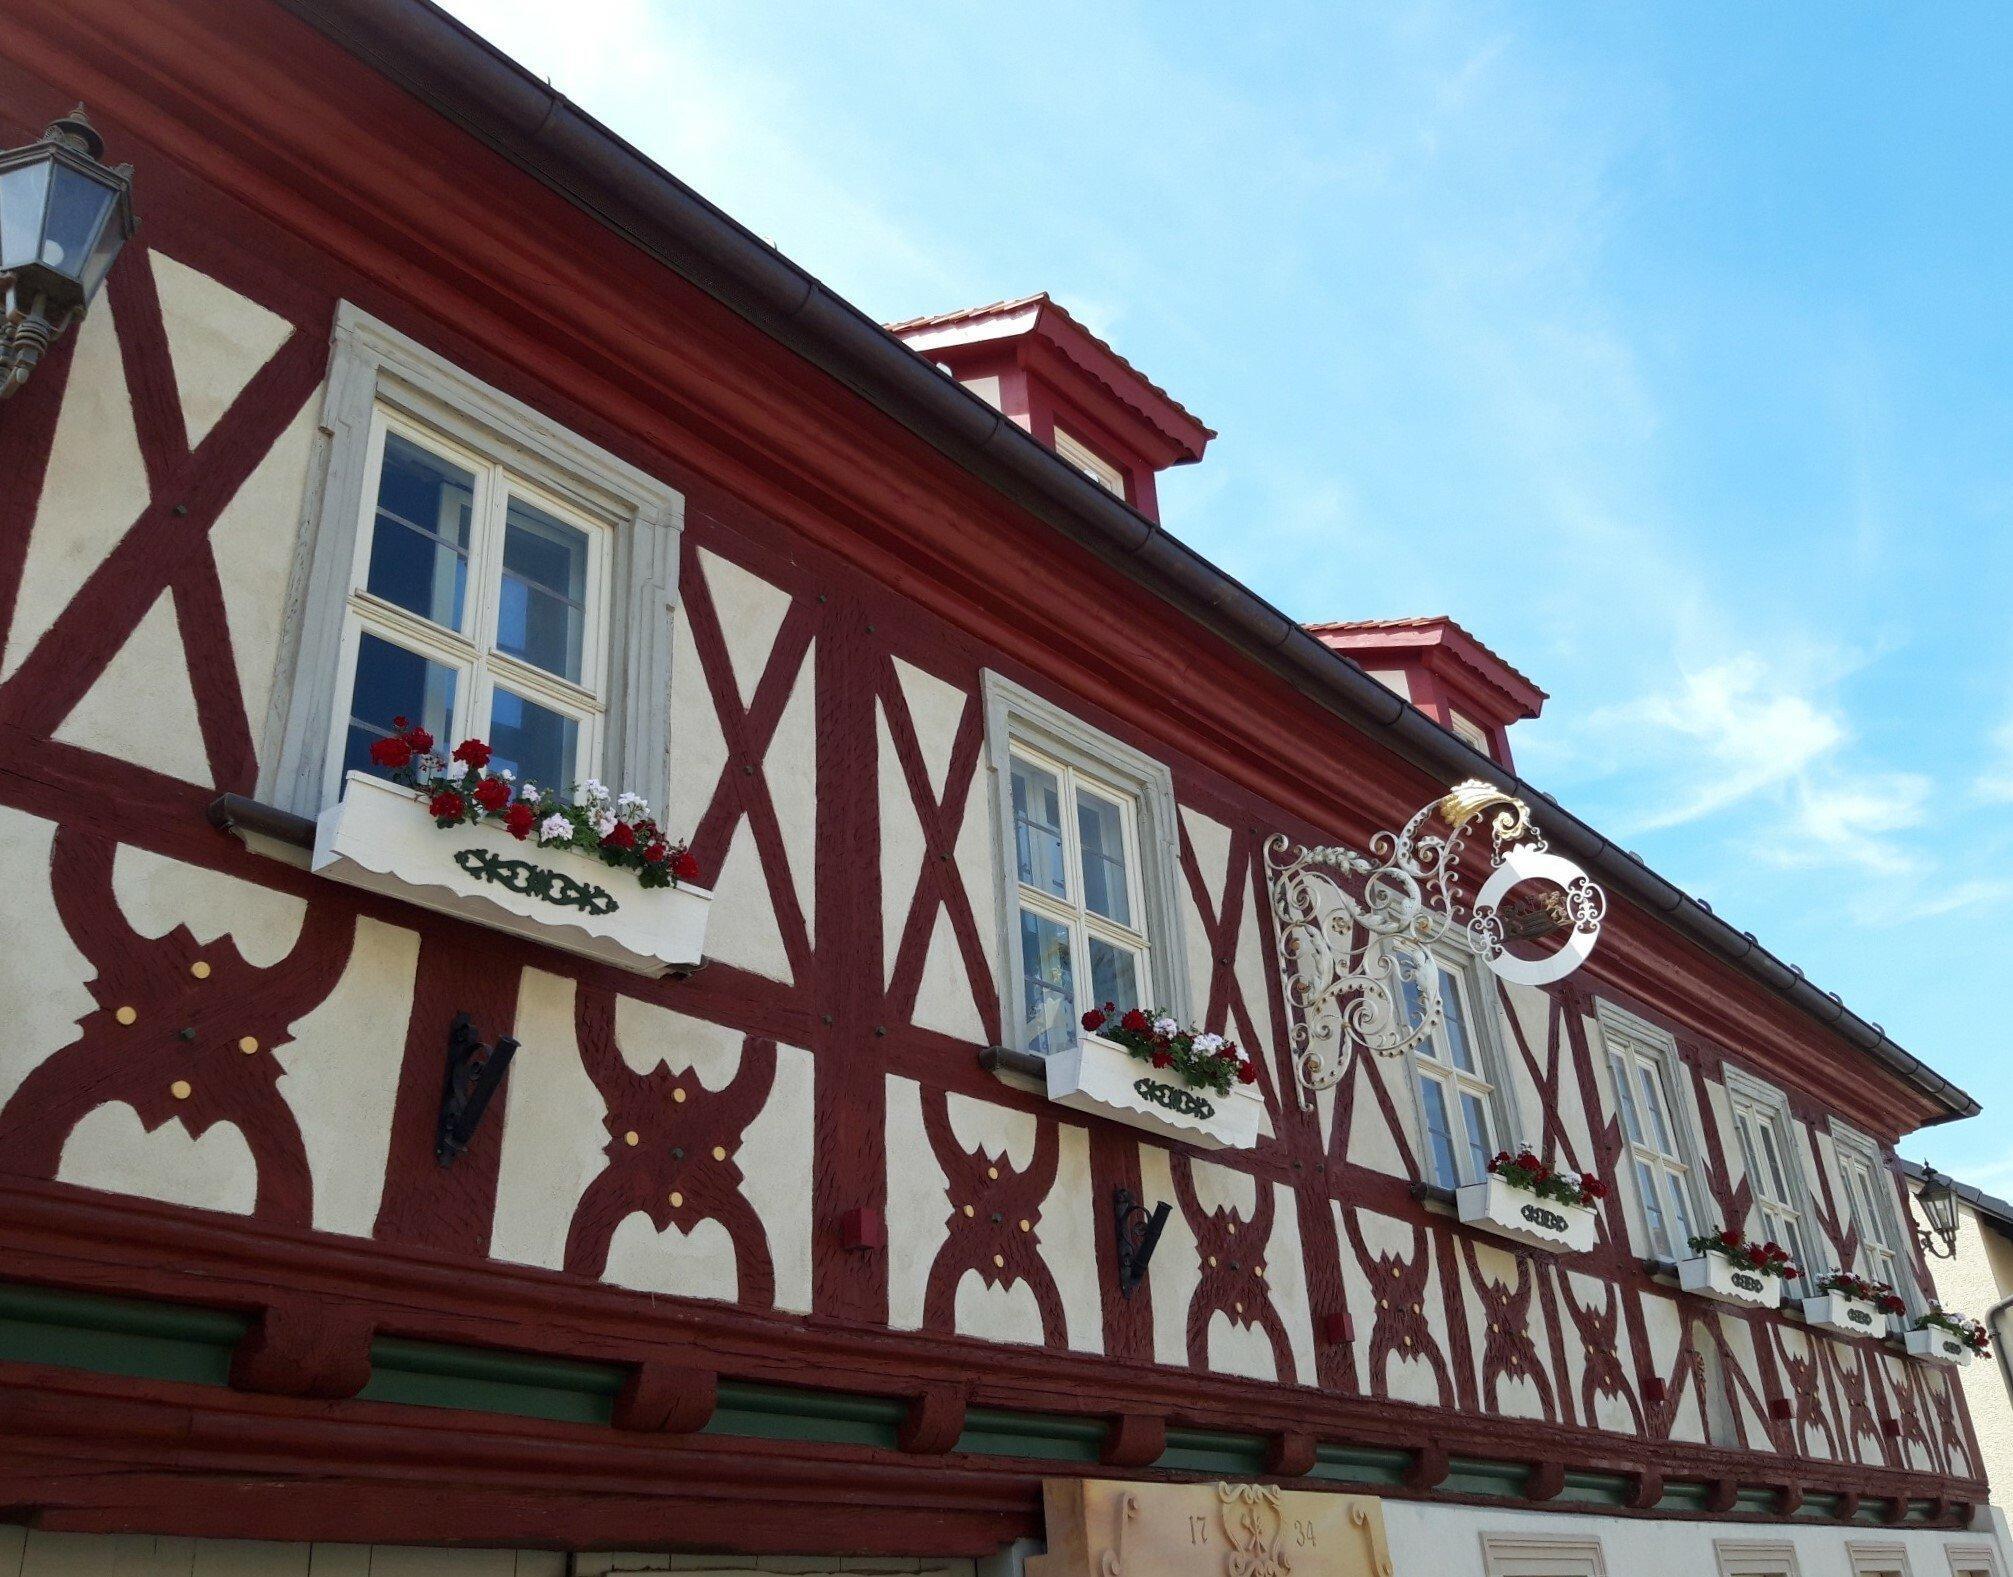 Sauber in rot gestrichen, korrespondiert das Holz der Außenfassade farblich mit den Geranien unter den kleinen schmucken Fenstern.